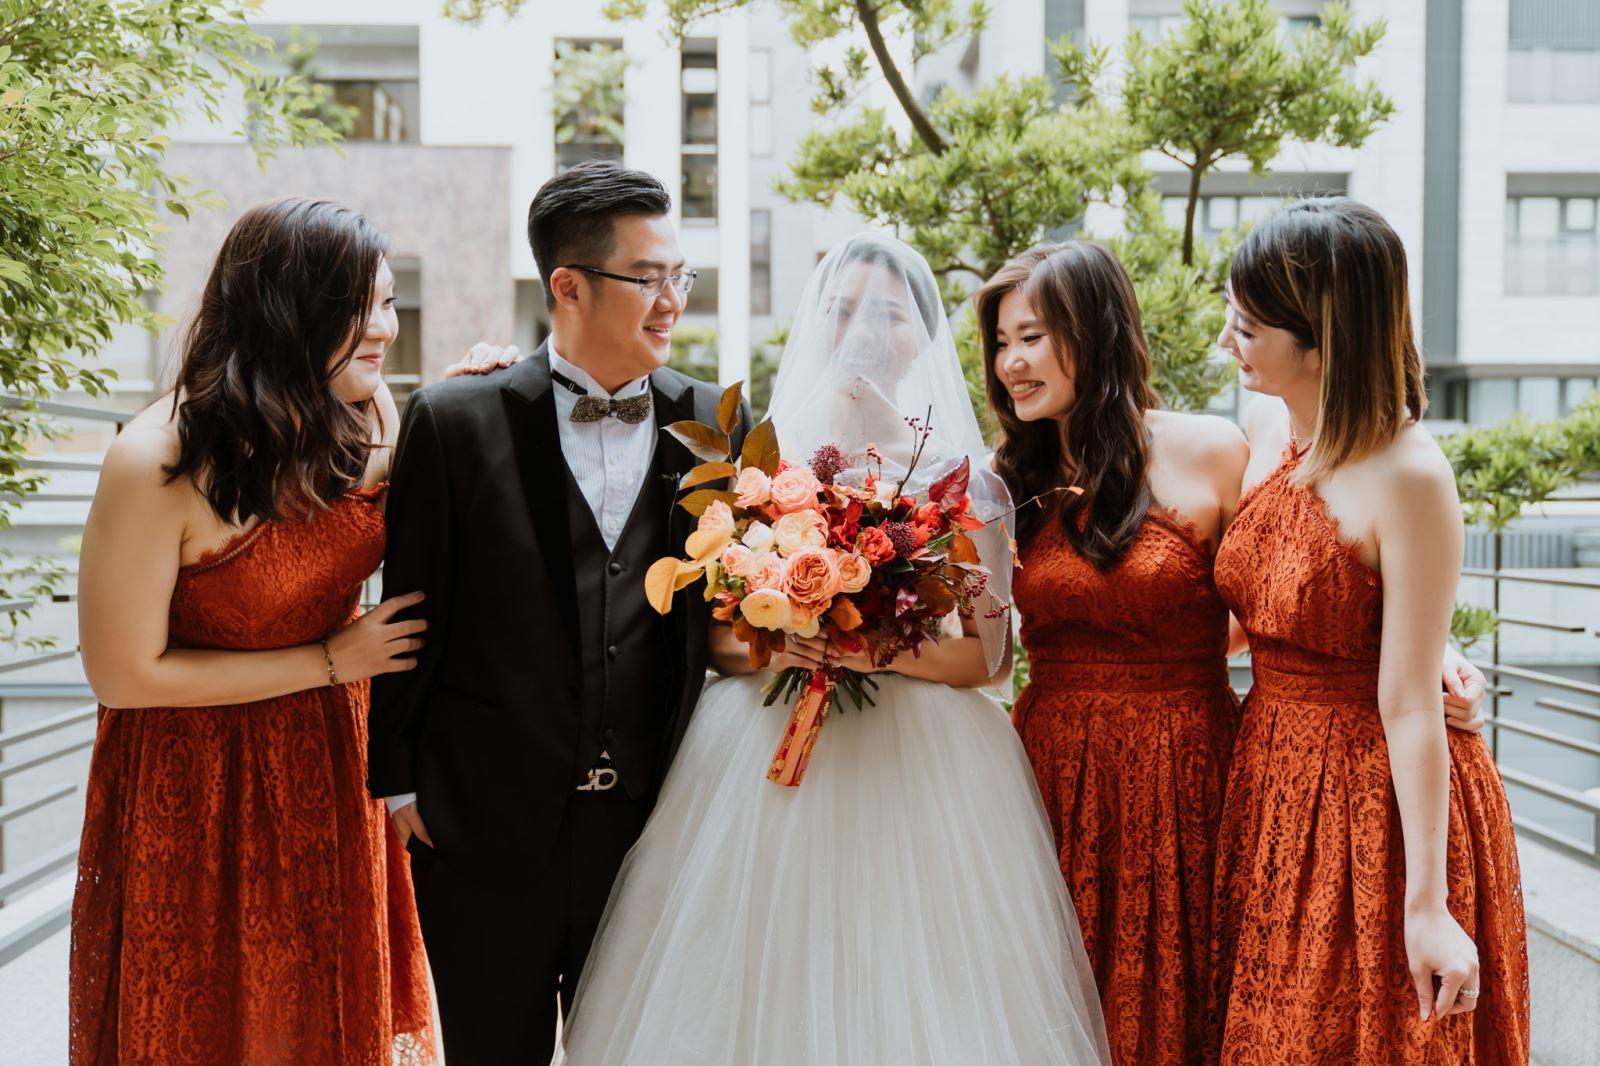 婚禮主持人安排時間讓新娘嫁到男方家,與伴娘團合照